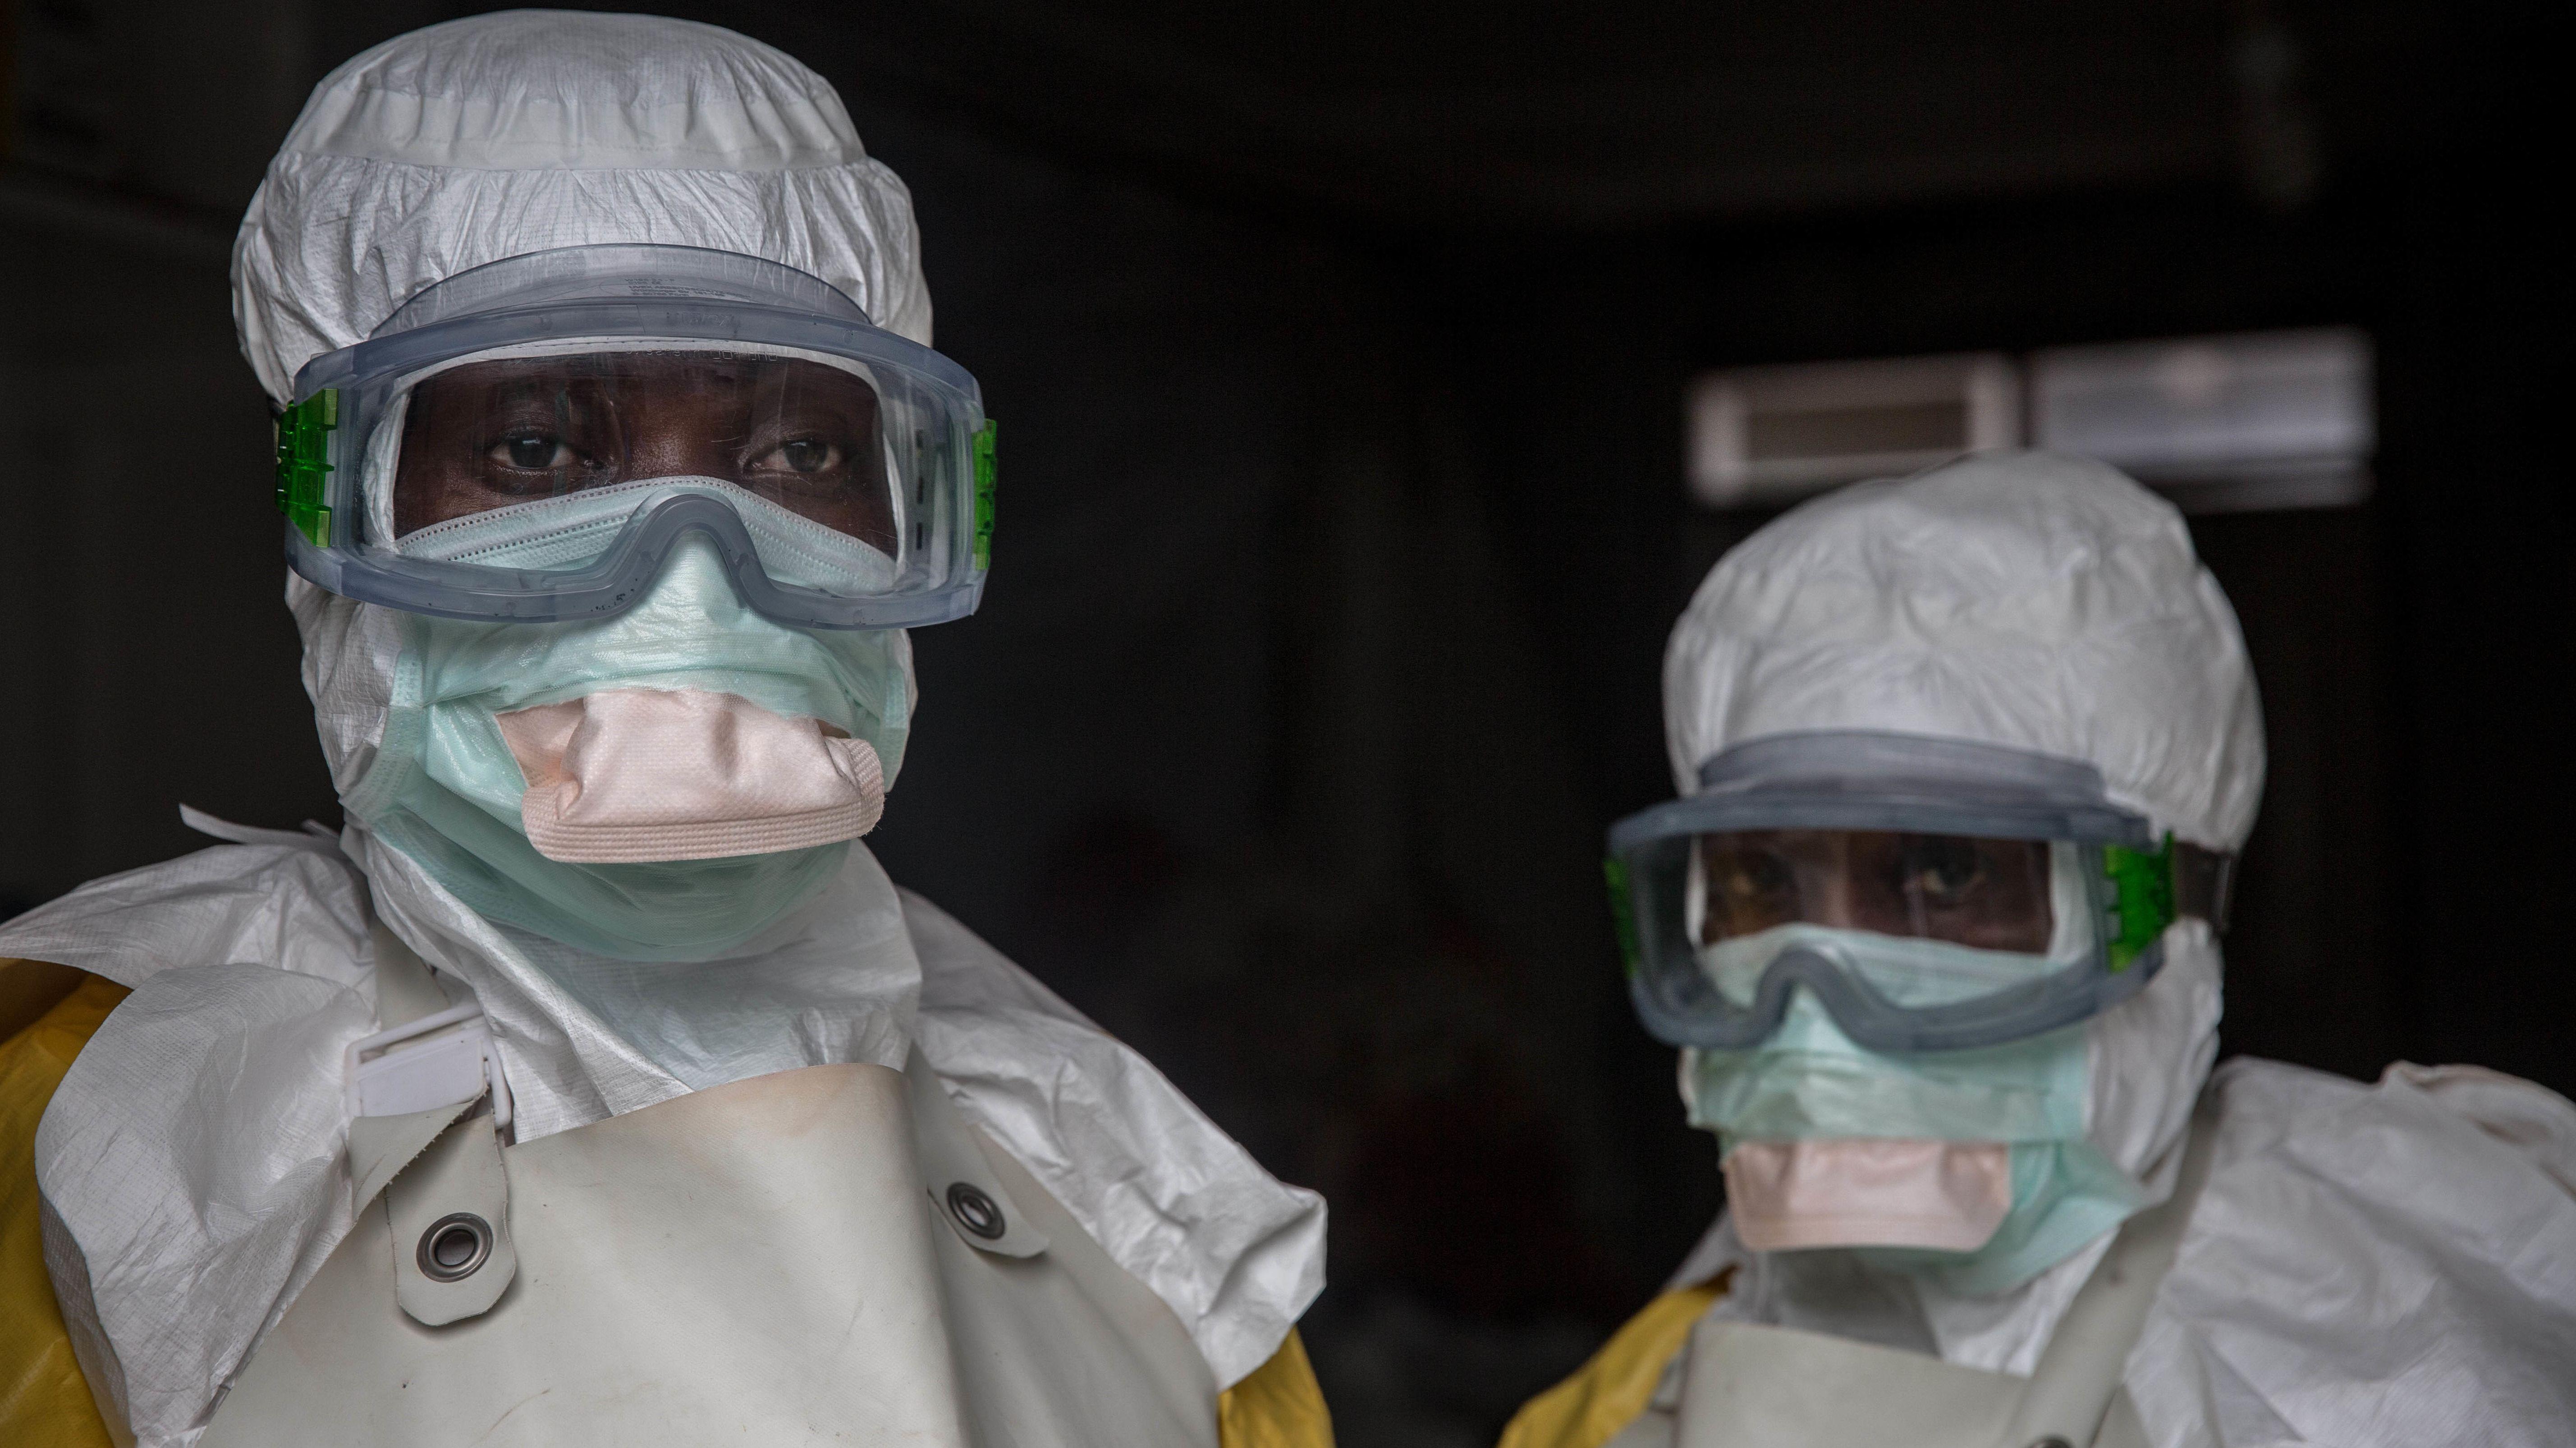 Goma, Demokratische Republik Kongo, Mitarbeiter eines Ebola-Behandlungszentrums in Schutzkleidung